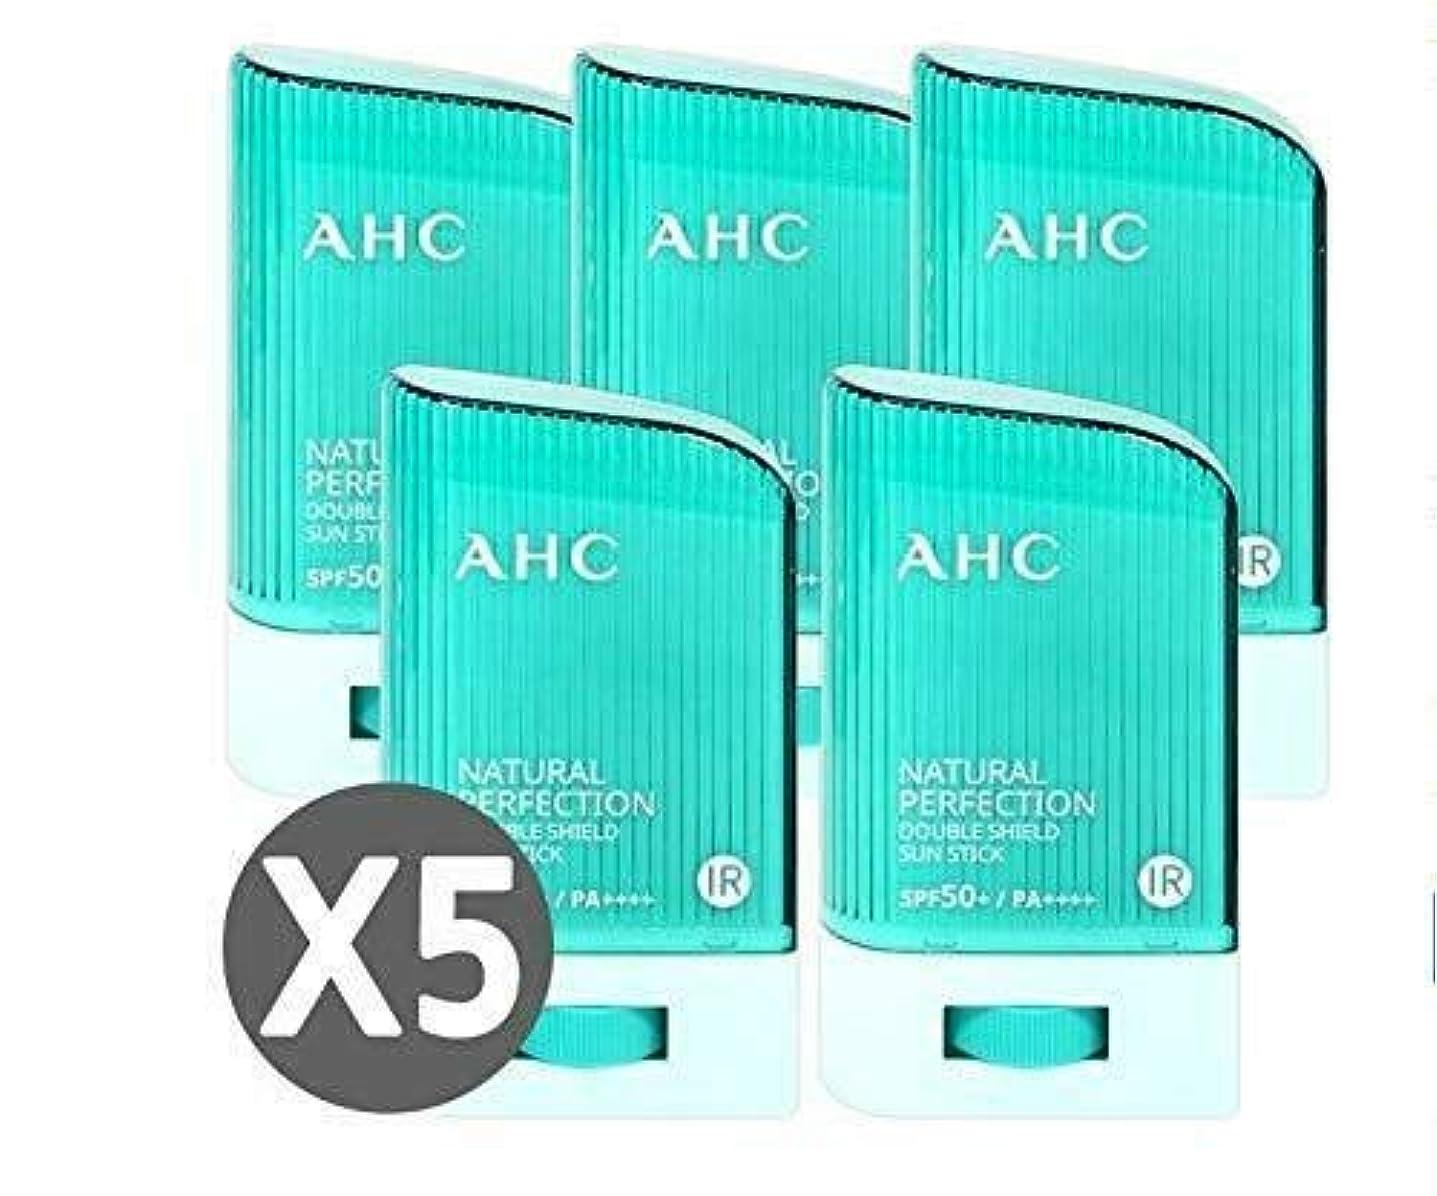 適度な縮れた湿った[ 5個セット ] AHC ナチュラルパーフェクションダブルシールドサンスティック 22g, Natural Perfection Double Shield Sun Stick SPF50+ PA++++